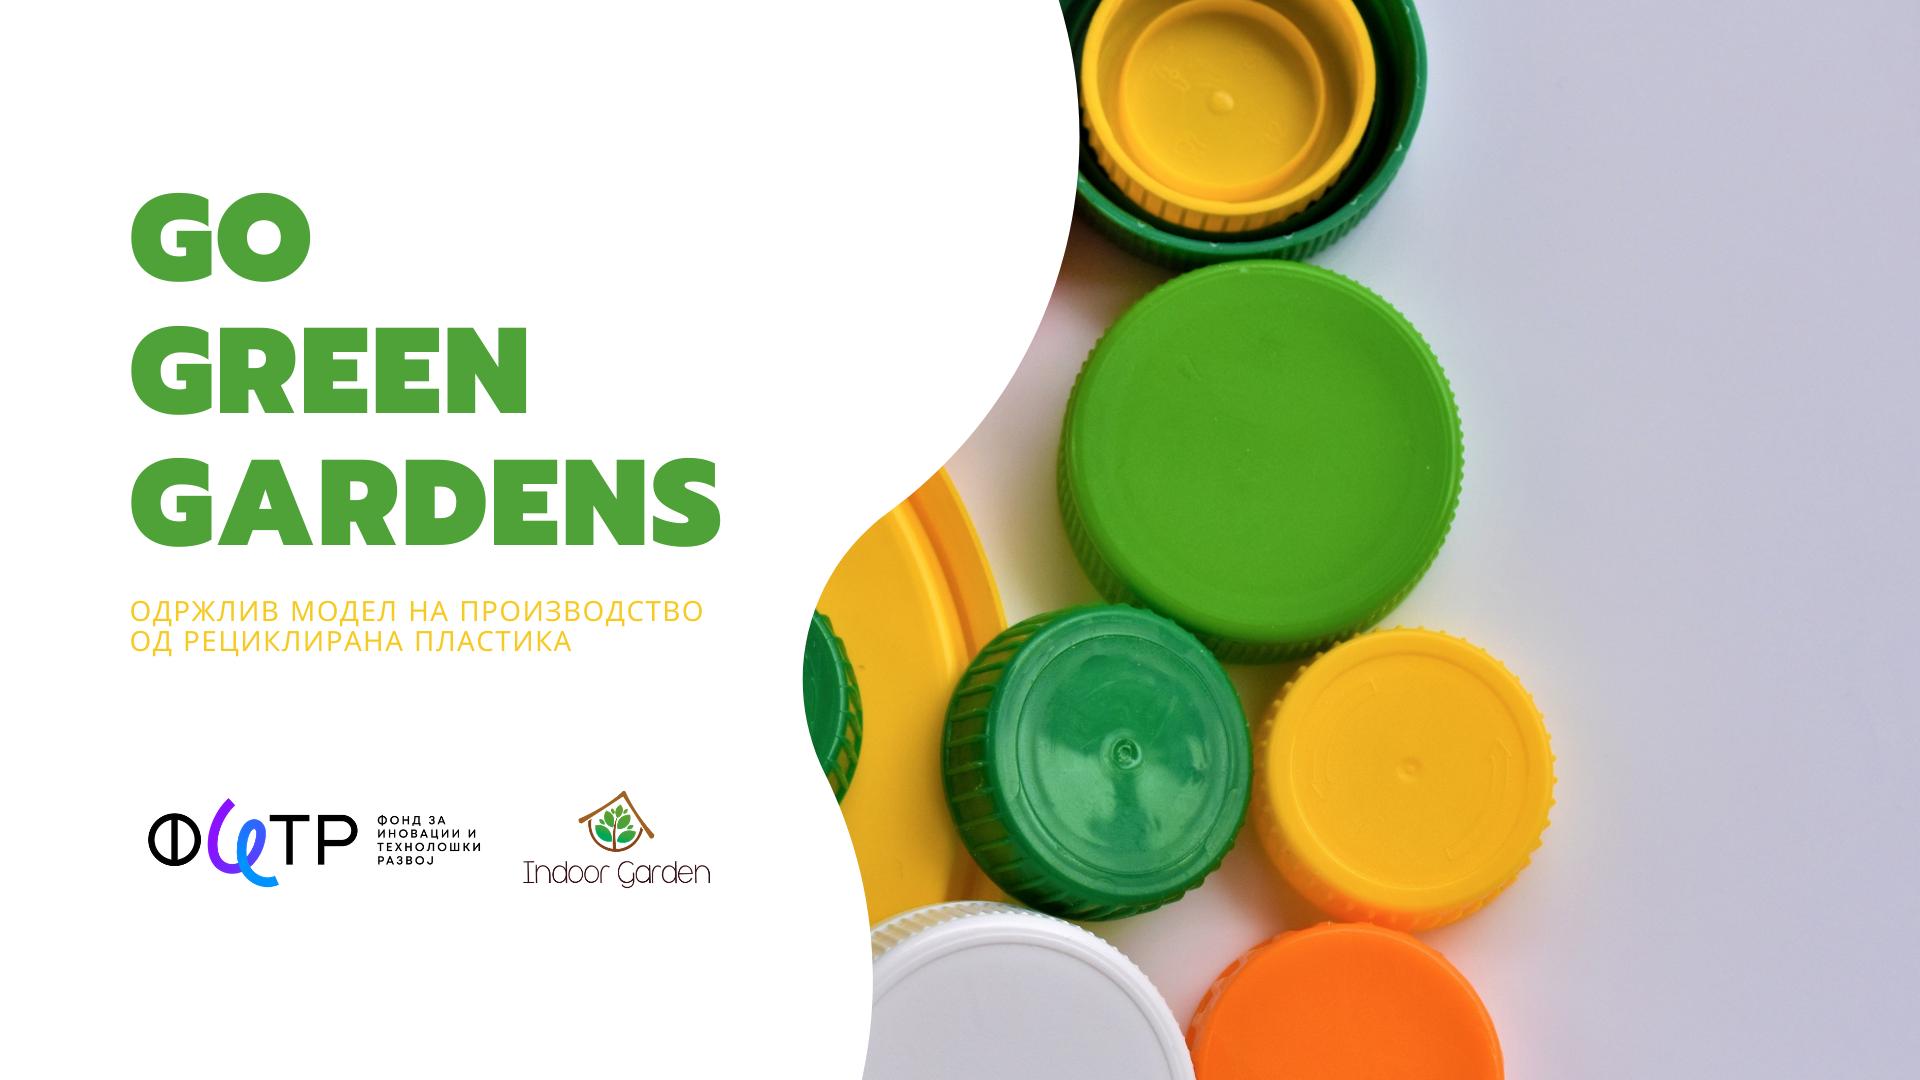 Одржливо производство од рециклирана пластика – Go Green Gardens